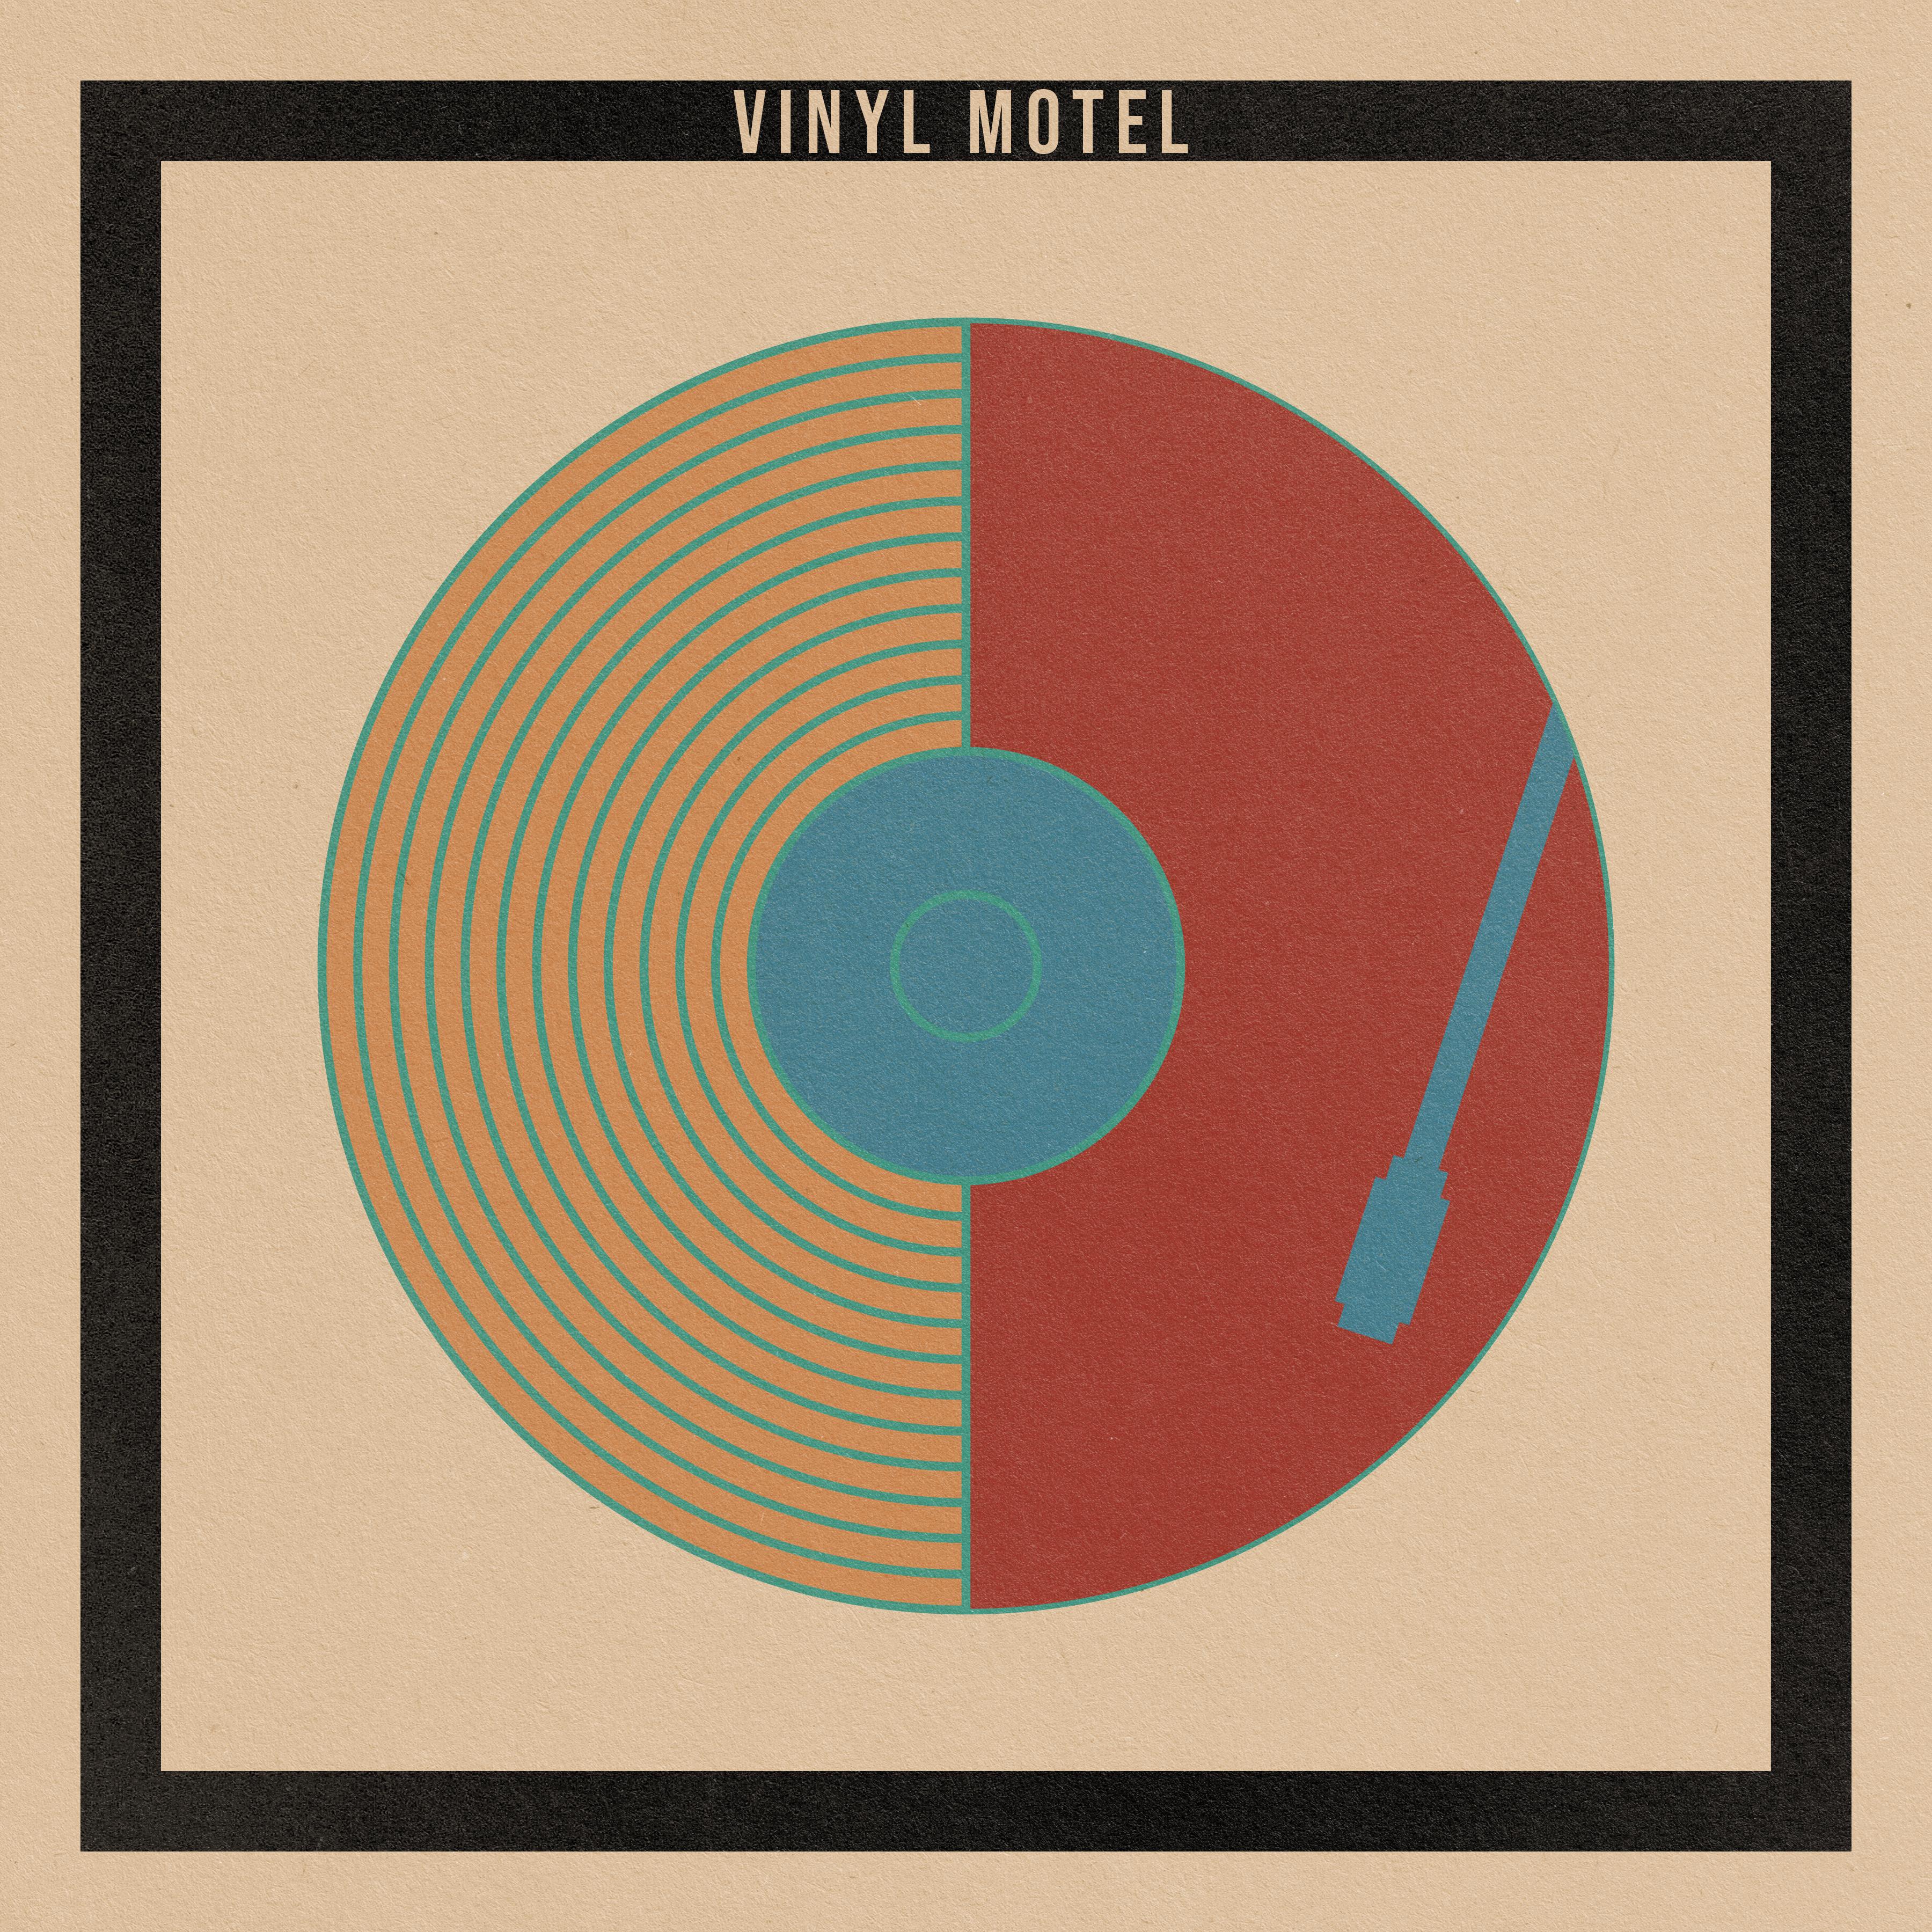 Vinyl Motel EP